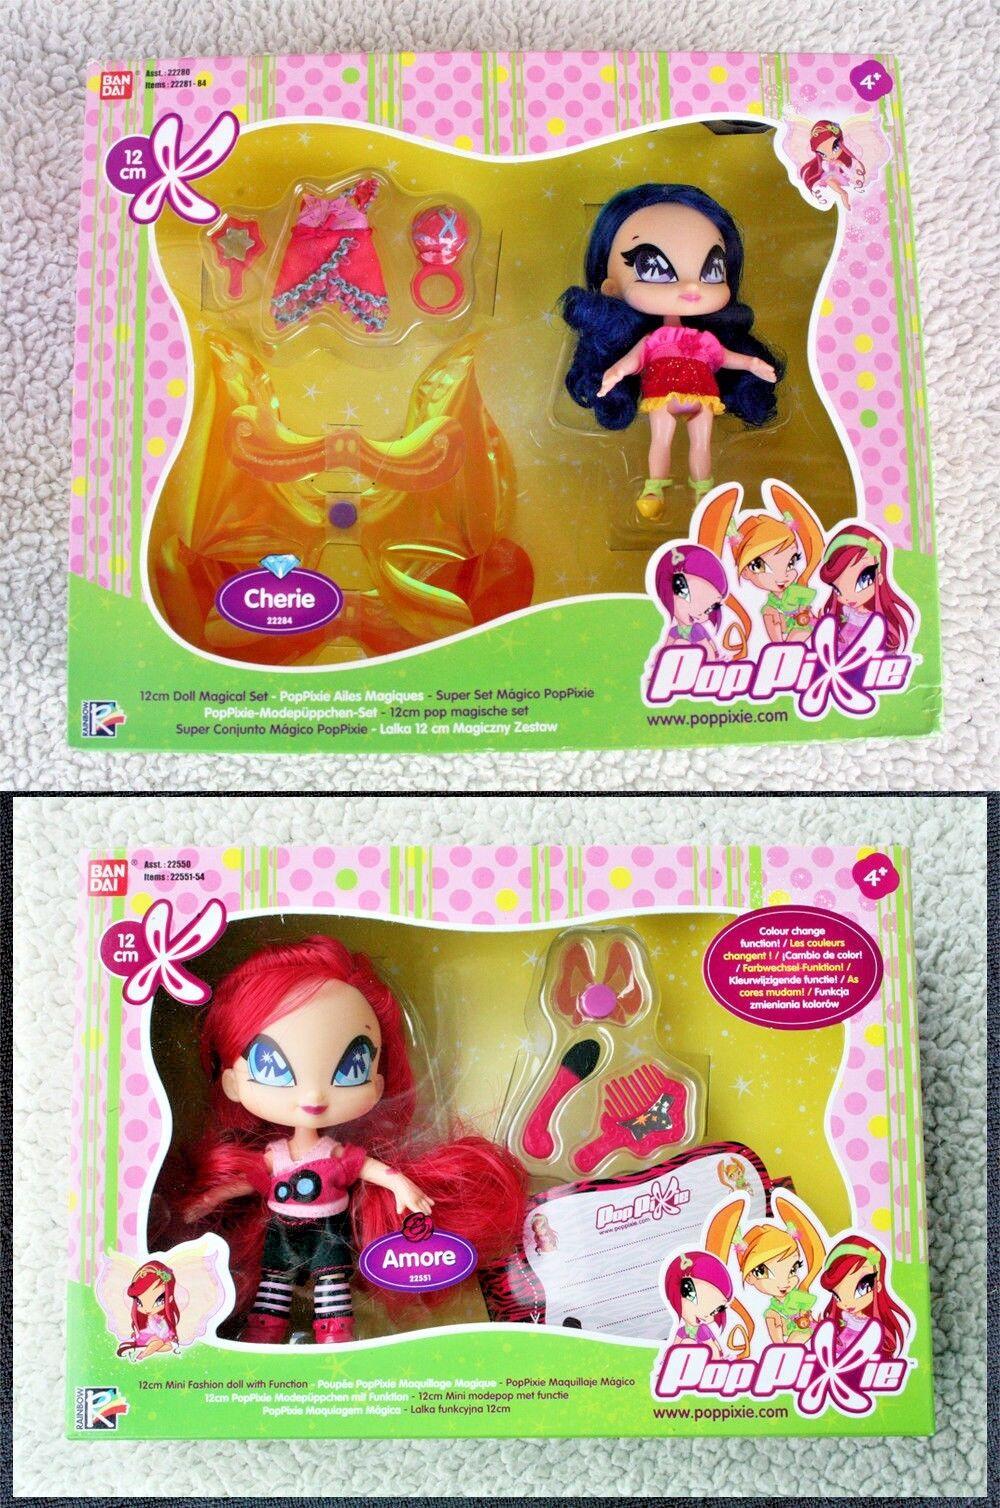 2 POP PIXIE bambole  AMORE & CHERIE (WINX CLUB AMICI) Bandai, in scatole Nuovo di Zecca